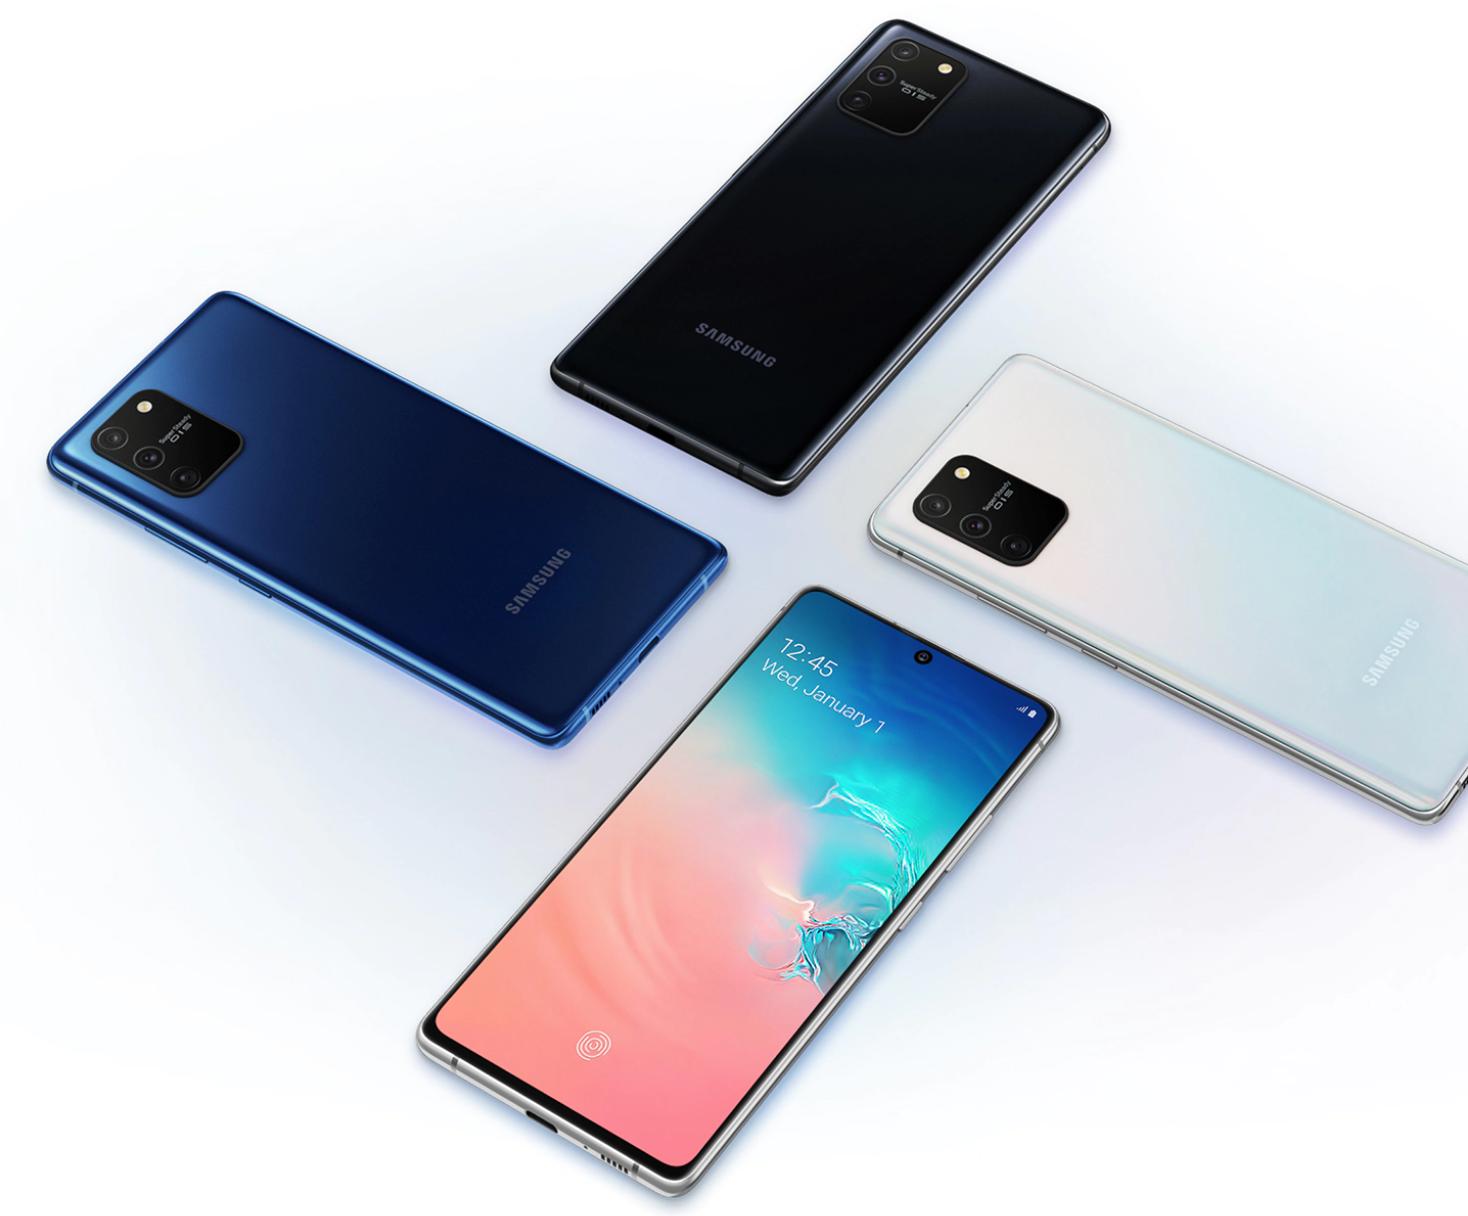 Источник: Samsung Galaxy S20 Fan Edition (aka Galaxy S20 Lite) получит три расцветки и минимум 128 ГБ встроенной памяти